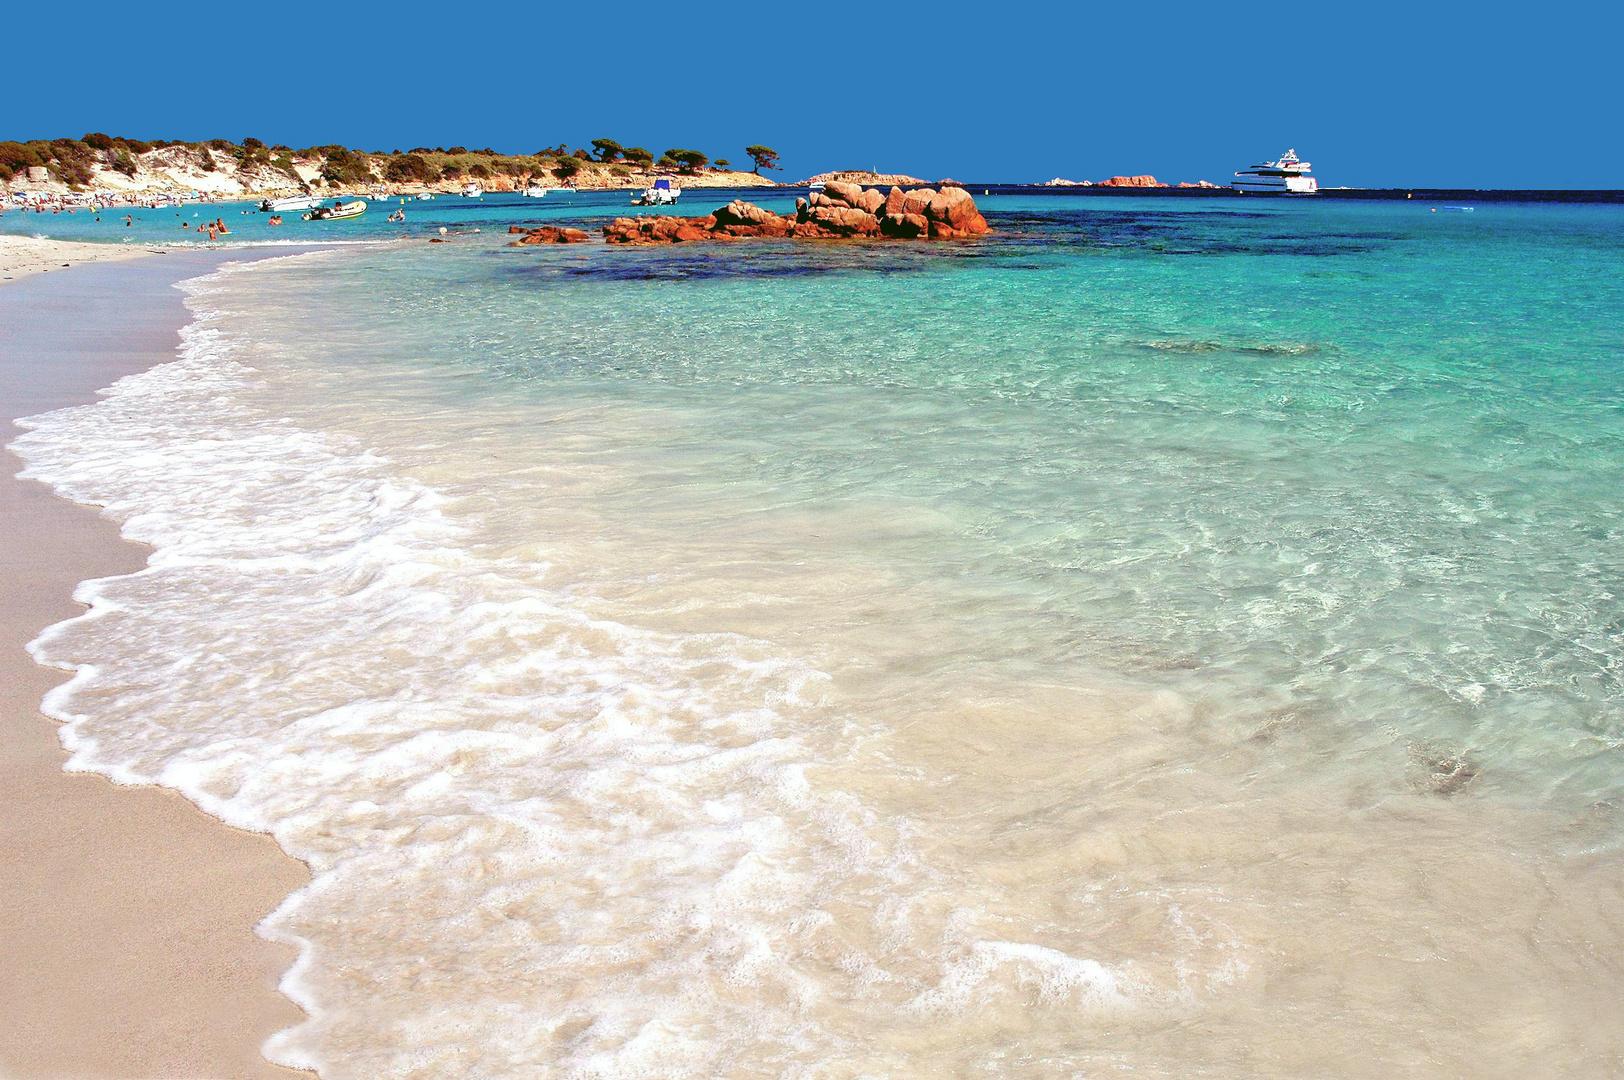 La plage de l'acciaru (Corse)